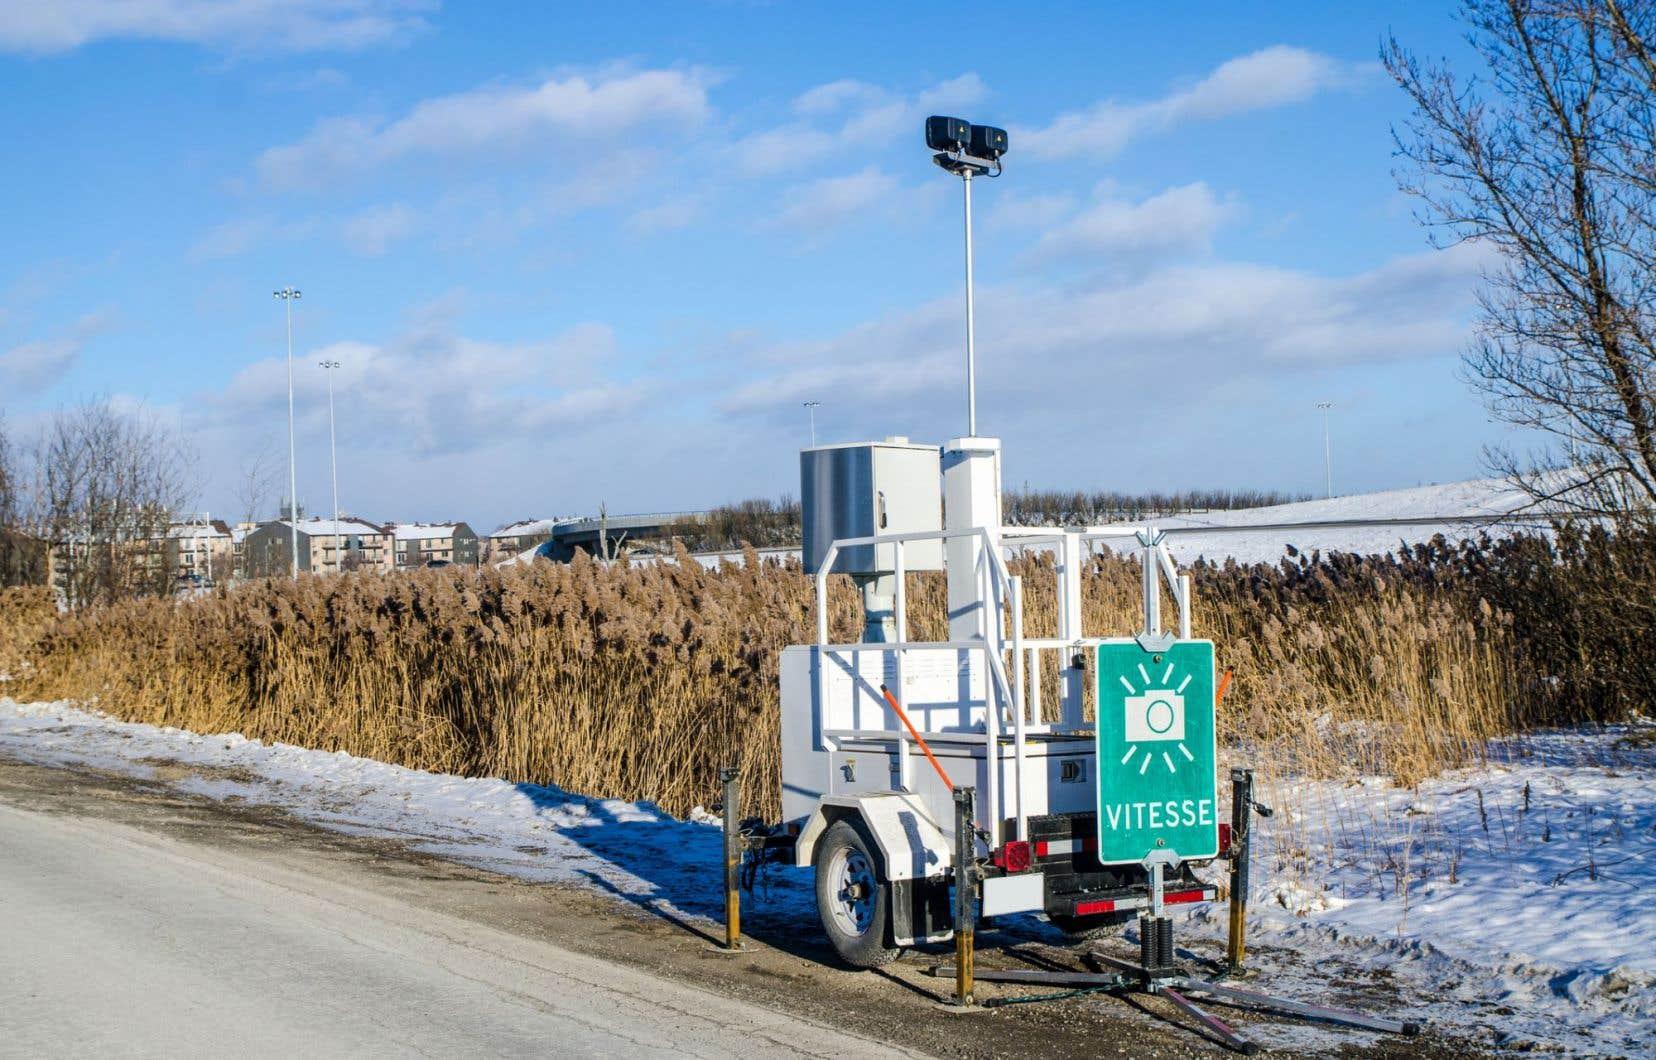 Le 28 novembre, le juge Cimon a annulé une contravention de 1160 $ qui avait été remise à une automobiliste en vertu de données captées par un radar photo.